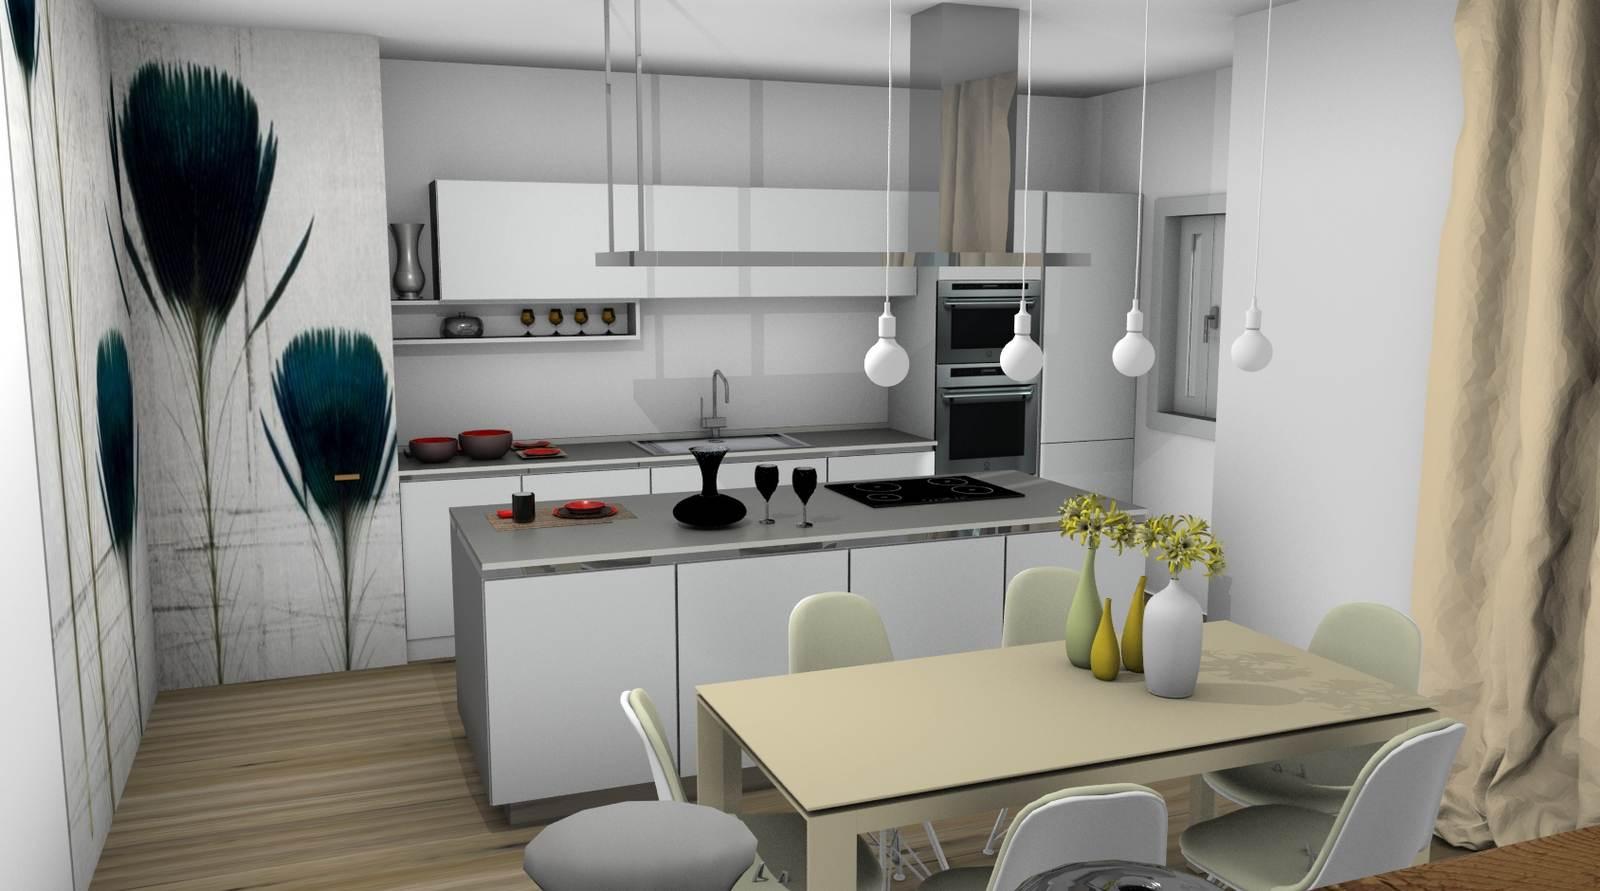 cucina One Ernestomeda rendering 5